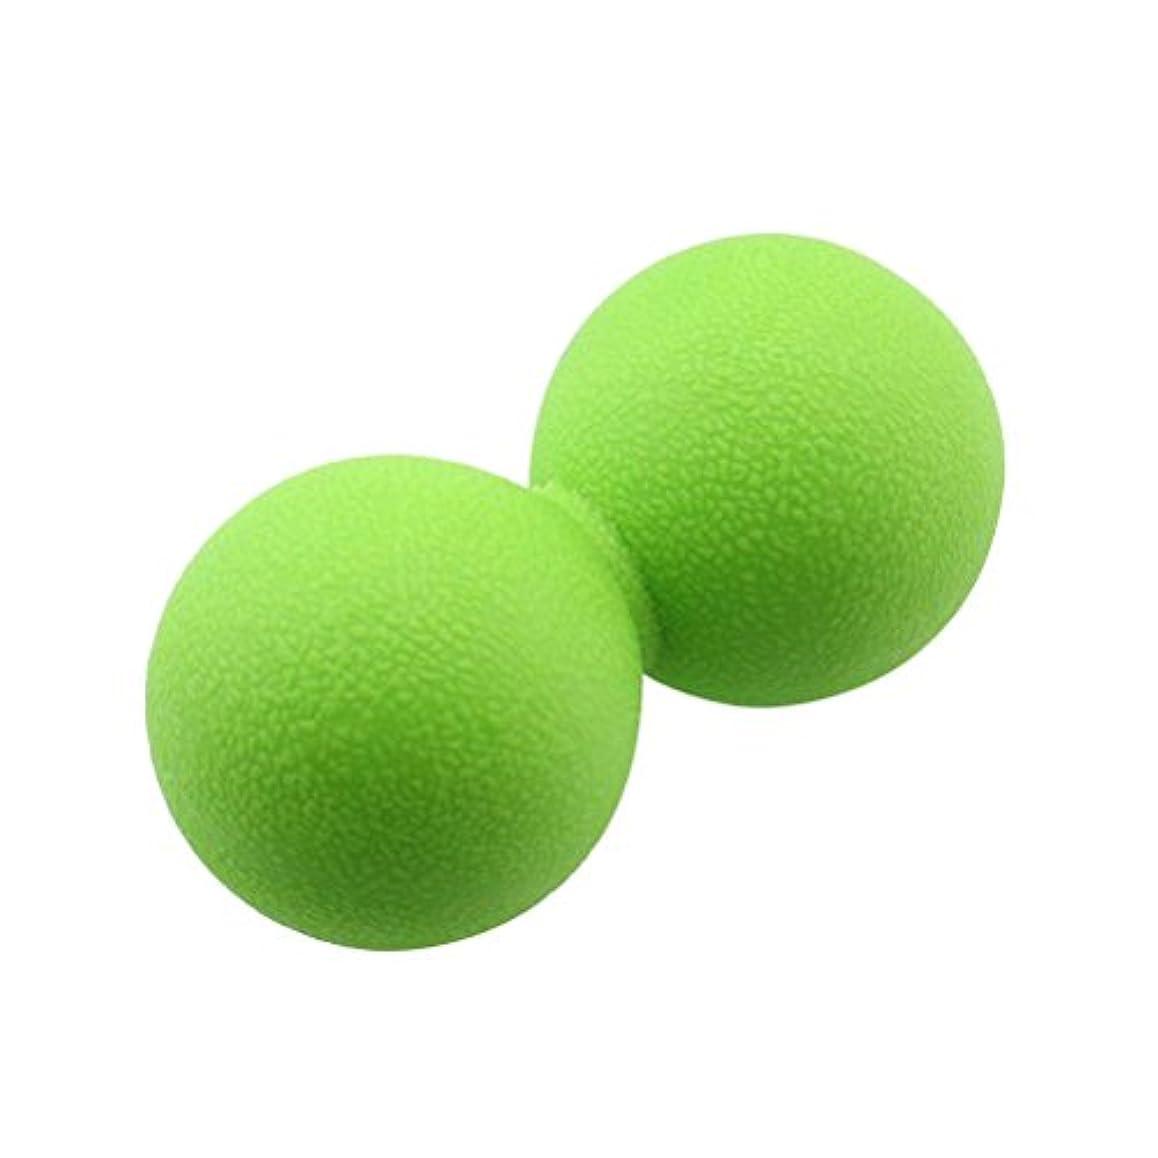 ホイッスルシェア勤勉なVORCOOL マッサージボール ストレッチボール ハードタイプ トリガーポイント トレーニング 背中 肩こり 腰 ふくらはぎ 足裏 ツボ押しグッズ スーパーハードタイプ 筋肉痛を改善 運動前後(緑)